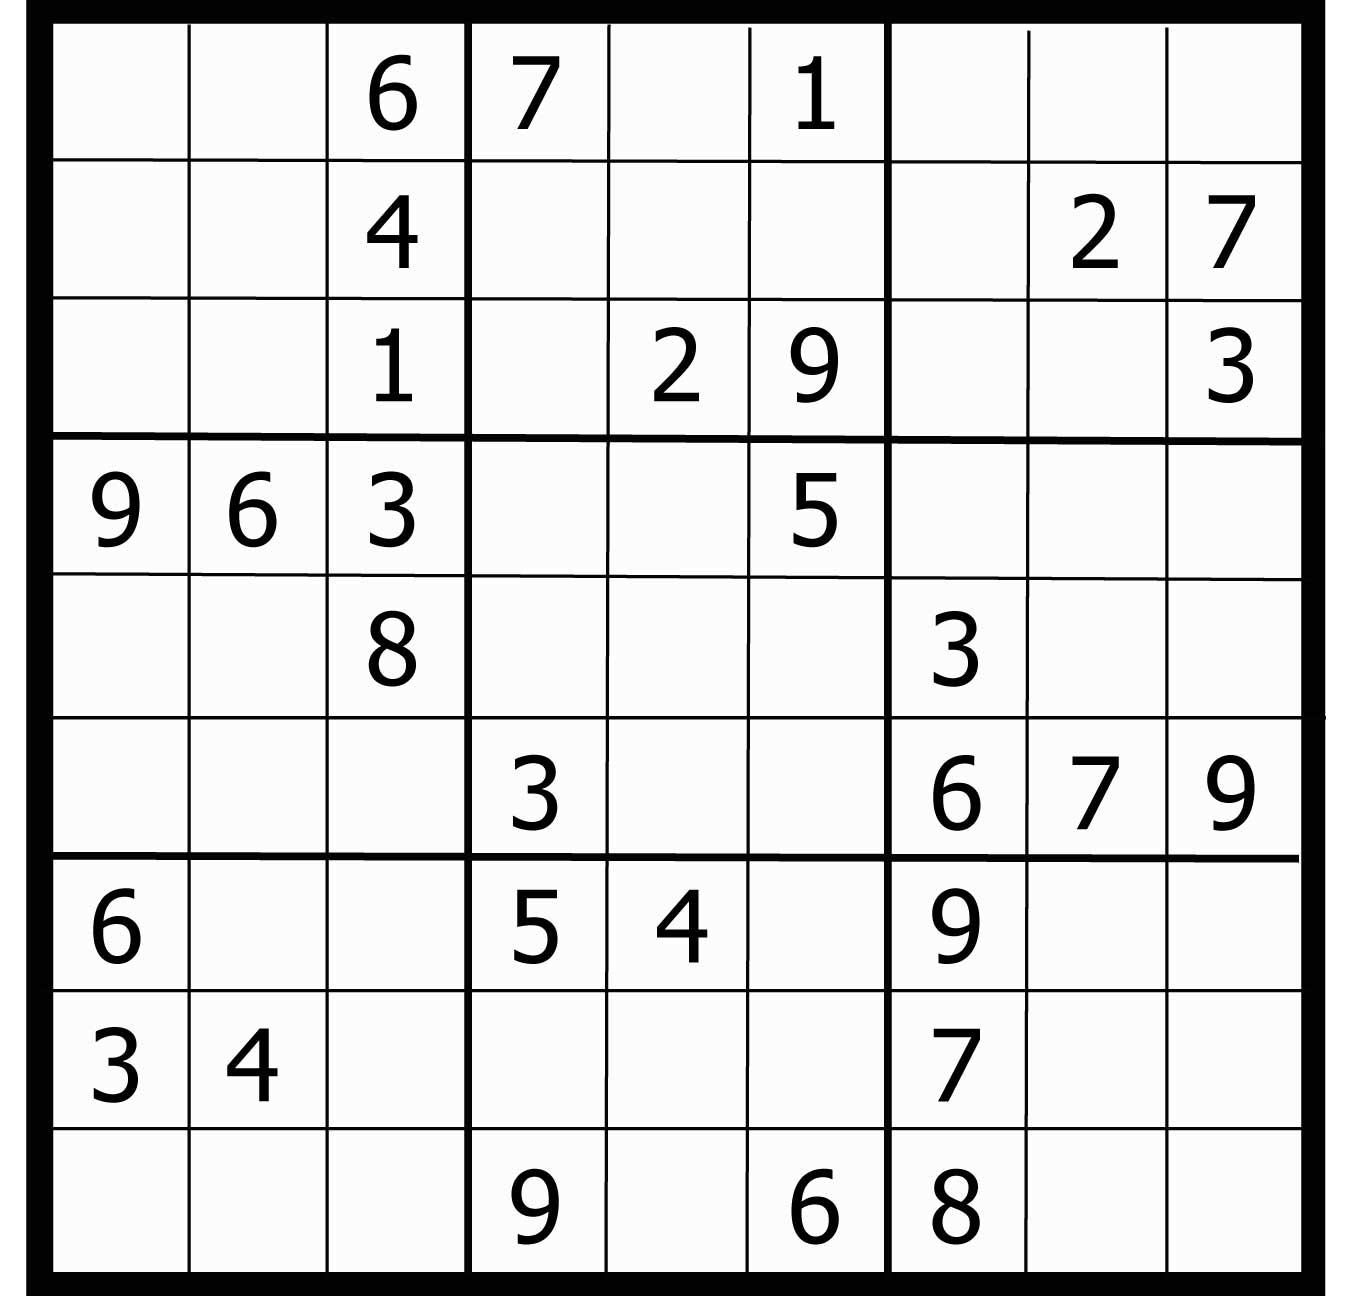 Sudoku Gratuit, Je L'emmène En Voyage Avec Moi intérieur Grille Sudoku Gratuite À Imprimer